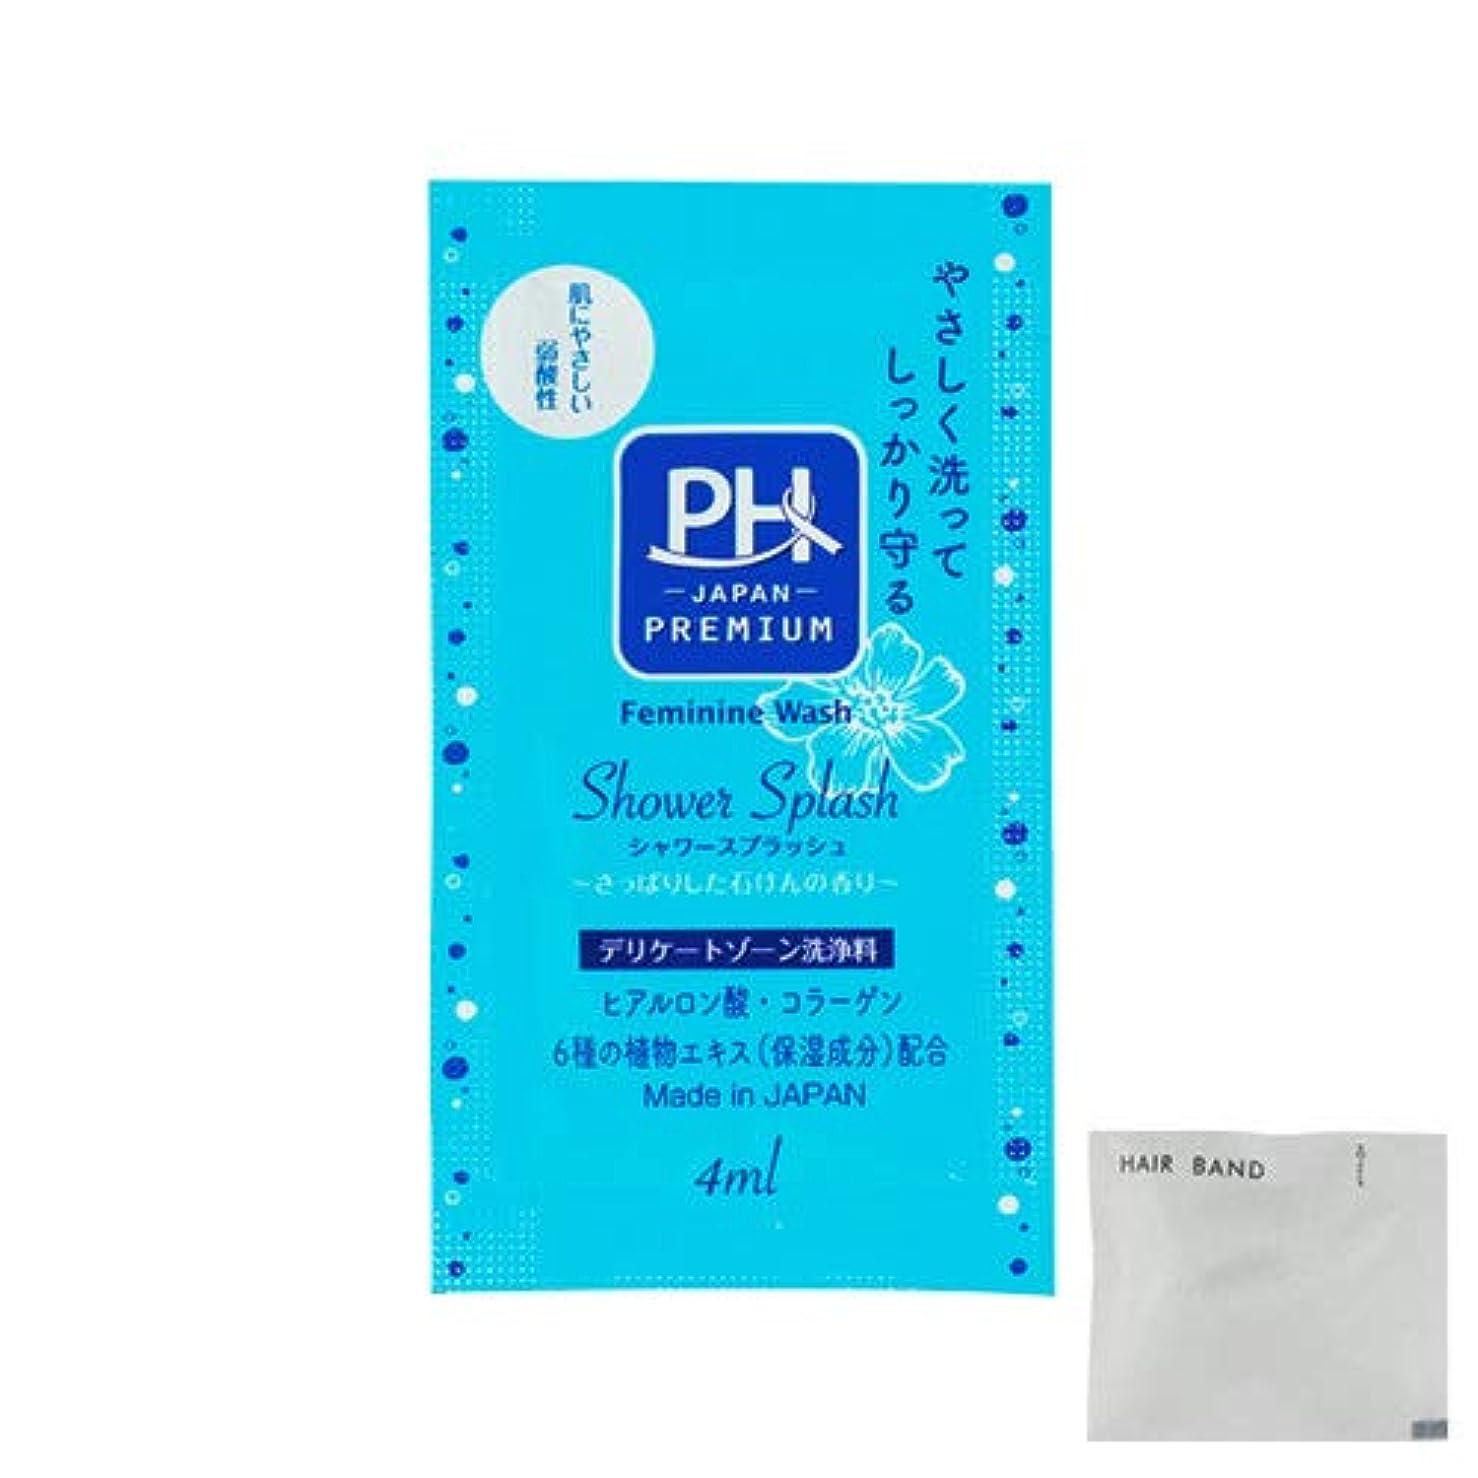 おのぞき穴火薬PH JAPAN プレミアム フェミニンウォッシュ シャワースプラッシュ 4mL(お試し用)×20個 + ヘアゴム(カラーはおまかせ)セット